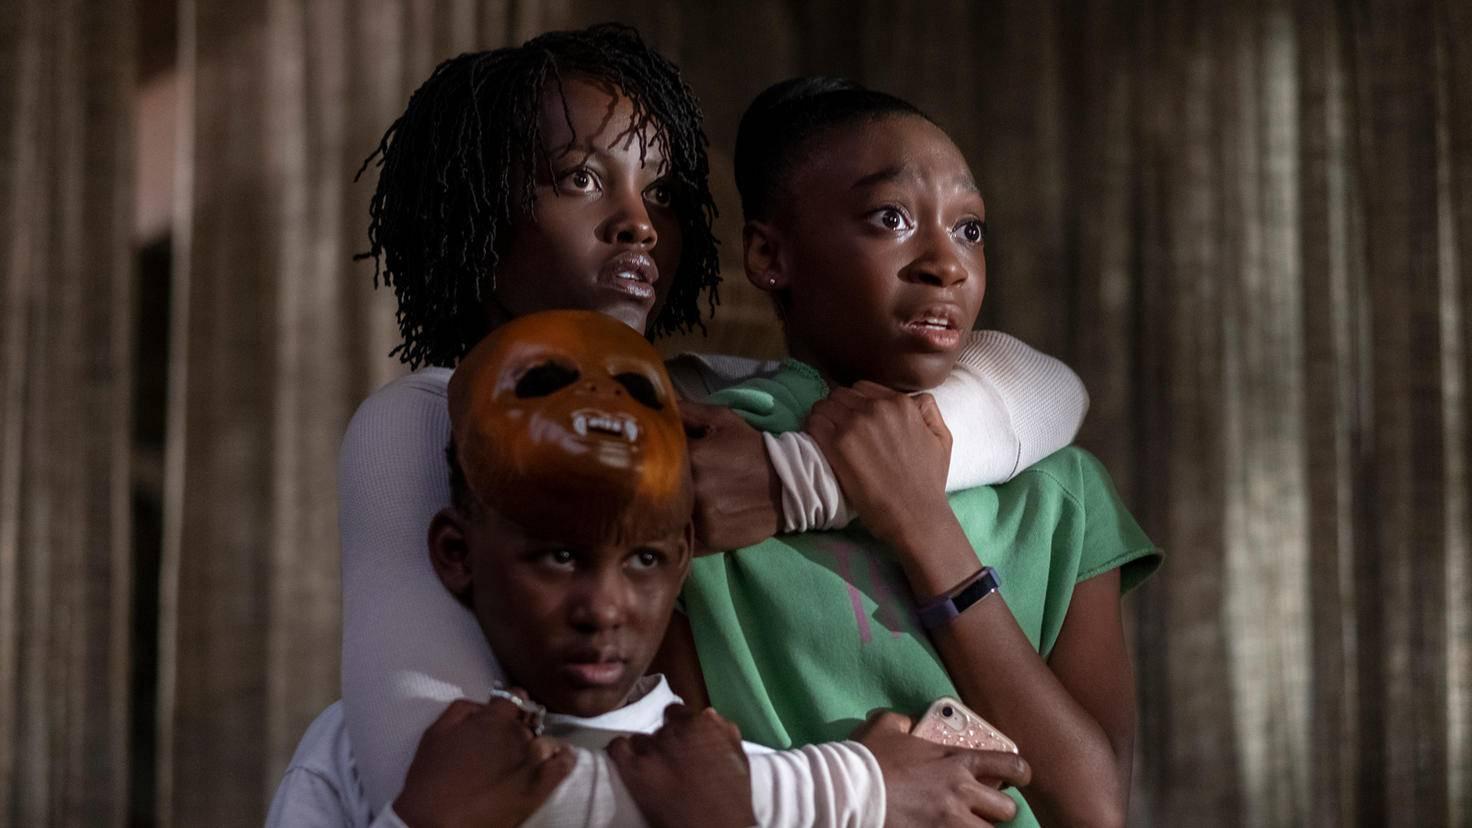 Adelaide versucht, ihre Kinder vor den Eindringlingen zu schützen.